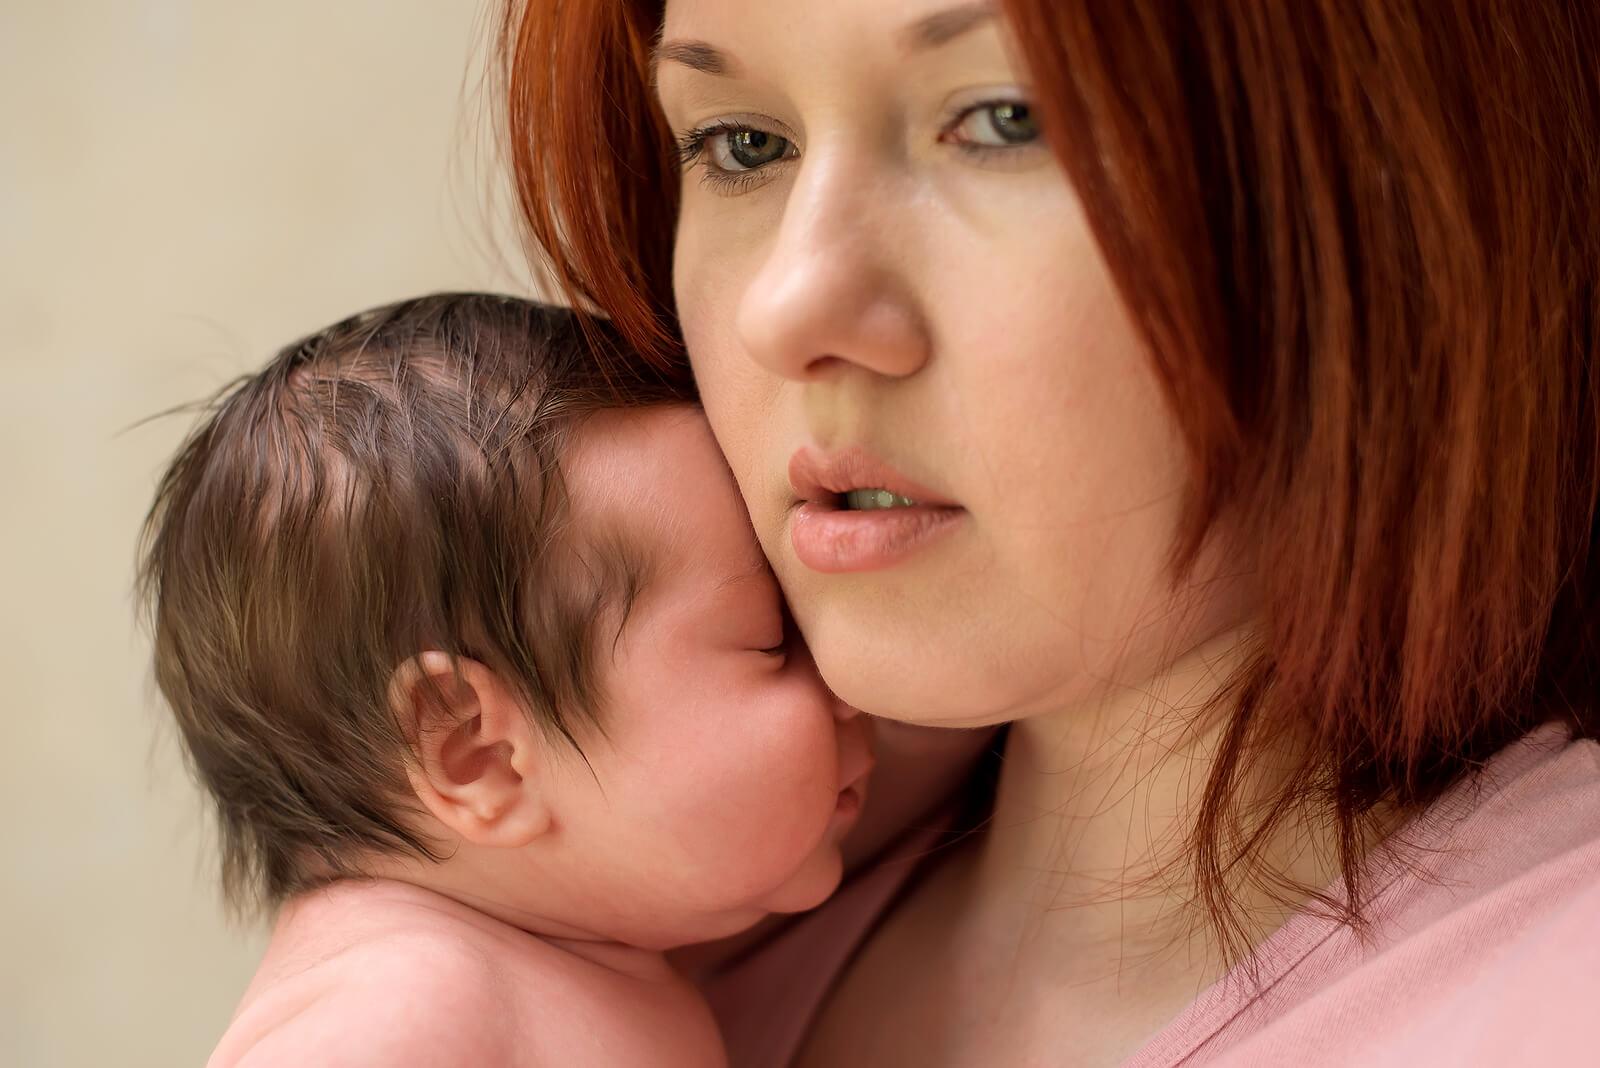 Mujer con ansiedad materna tras tener a su primer hijo.